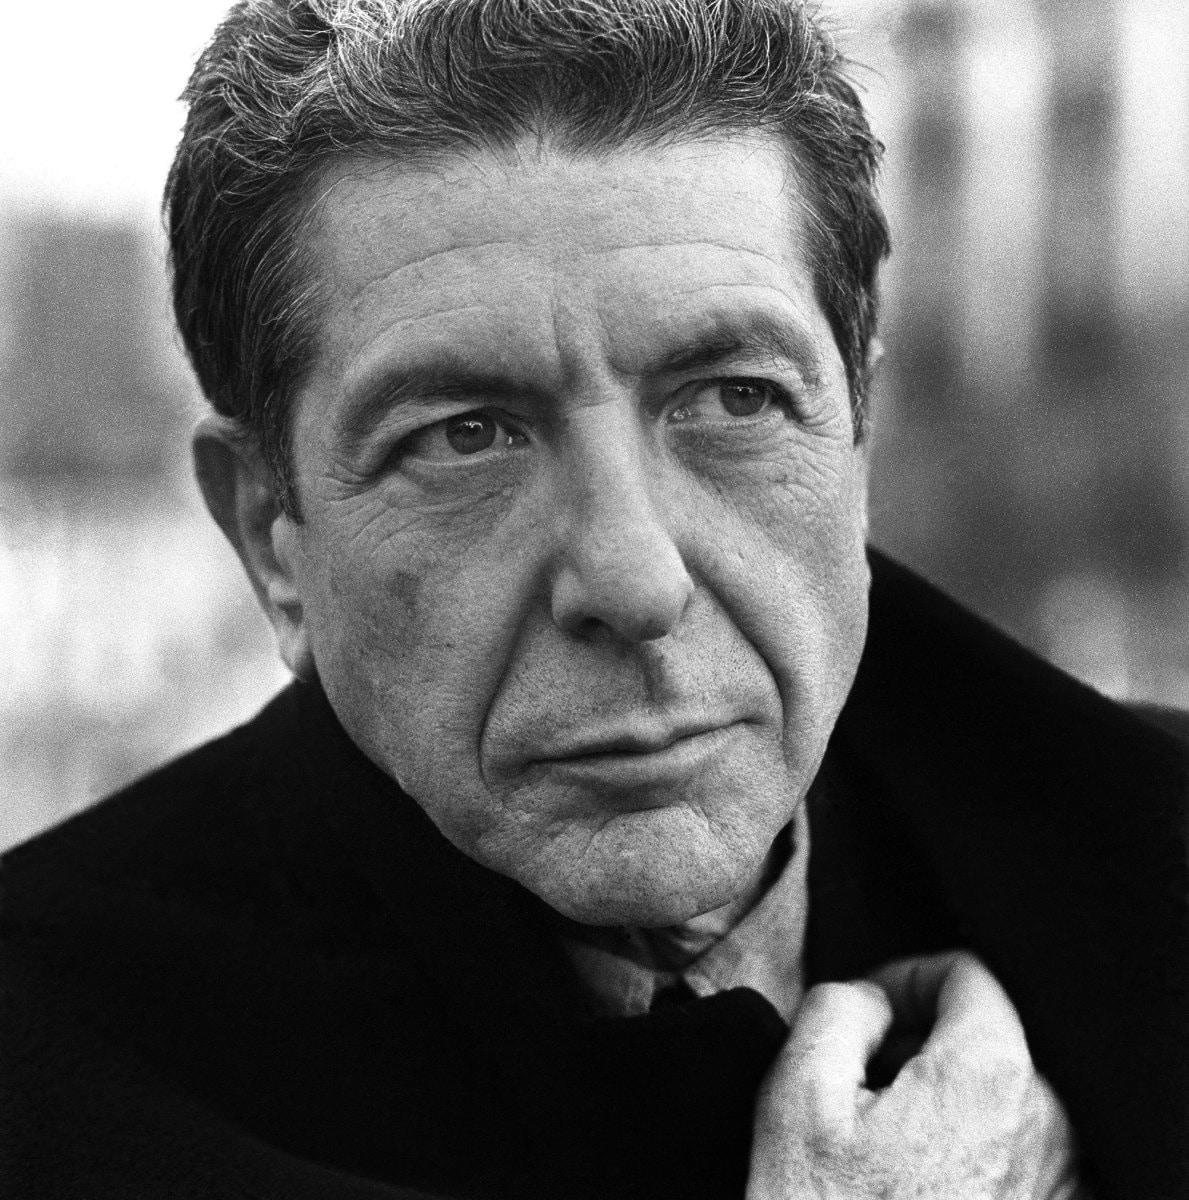 Legendario Cantante, escritor y poeta canadiense Leonard Cohen fallece dejando un legado inolvidable